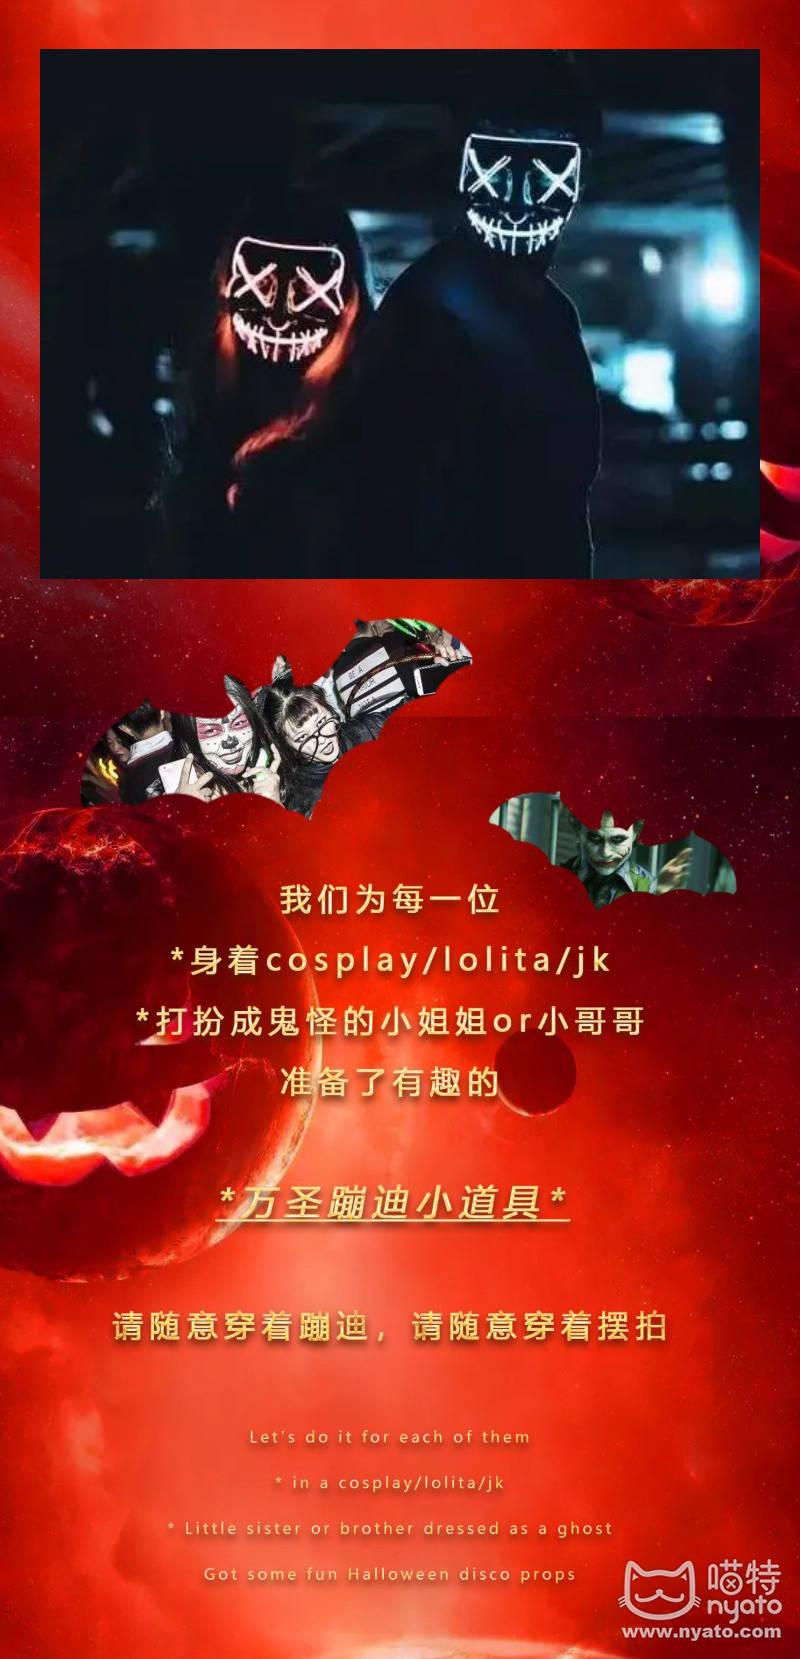 郑州合作版_04.jpg